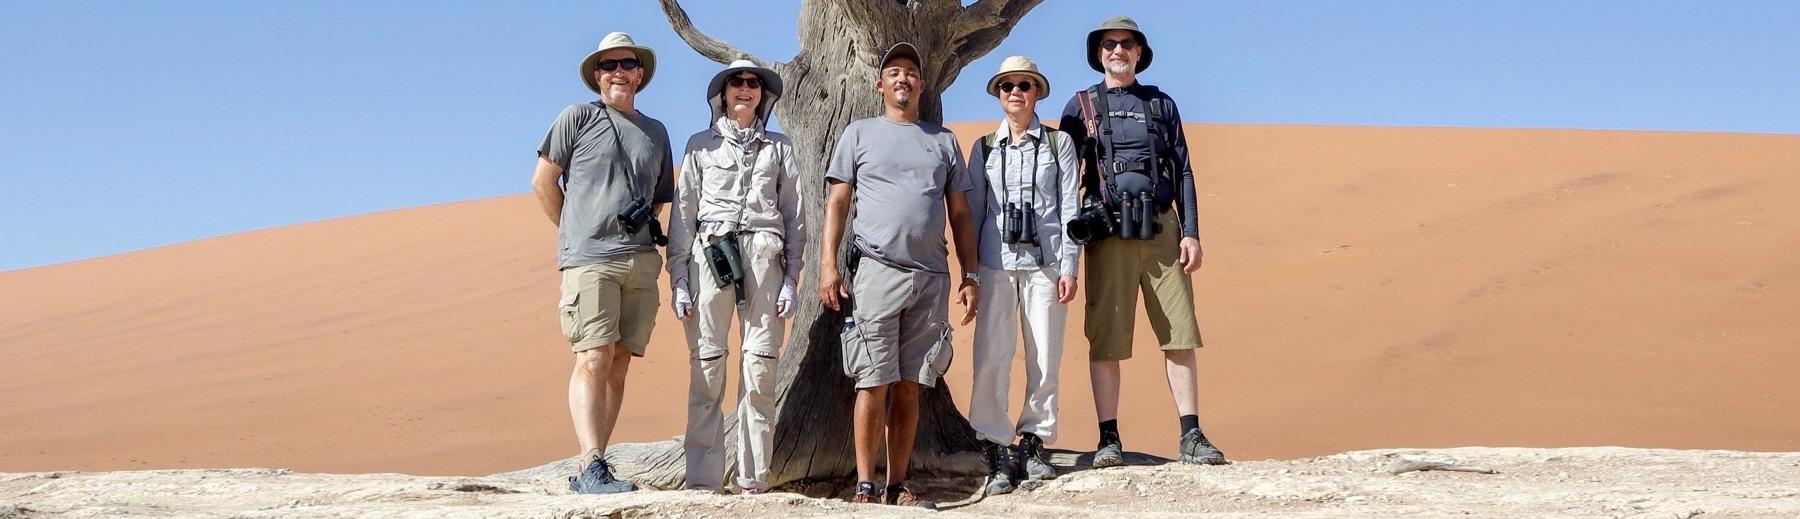 Private Guided Safaris